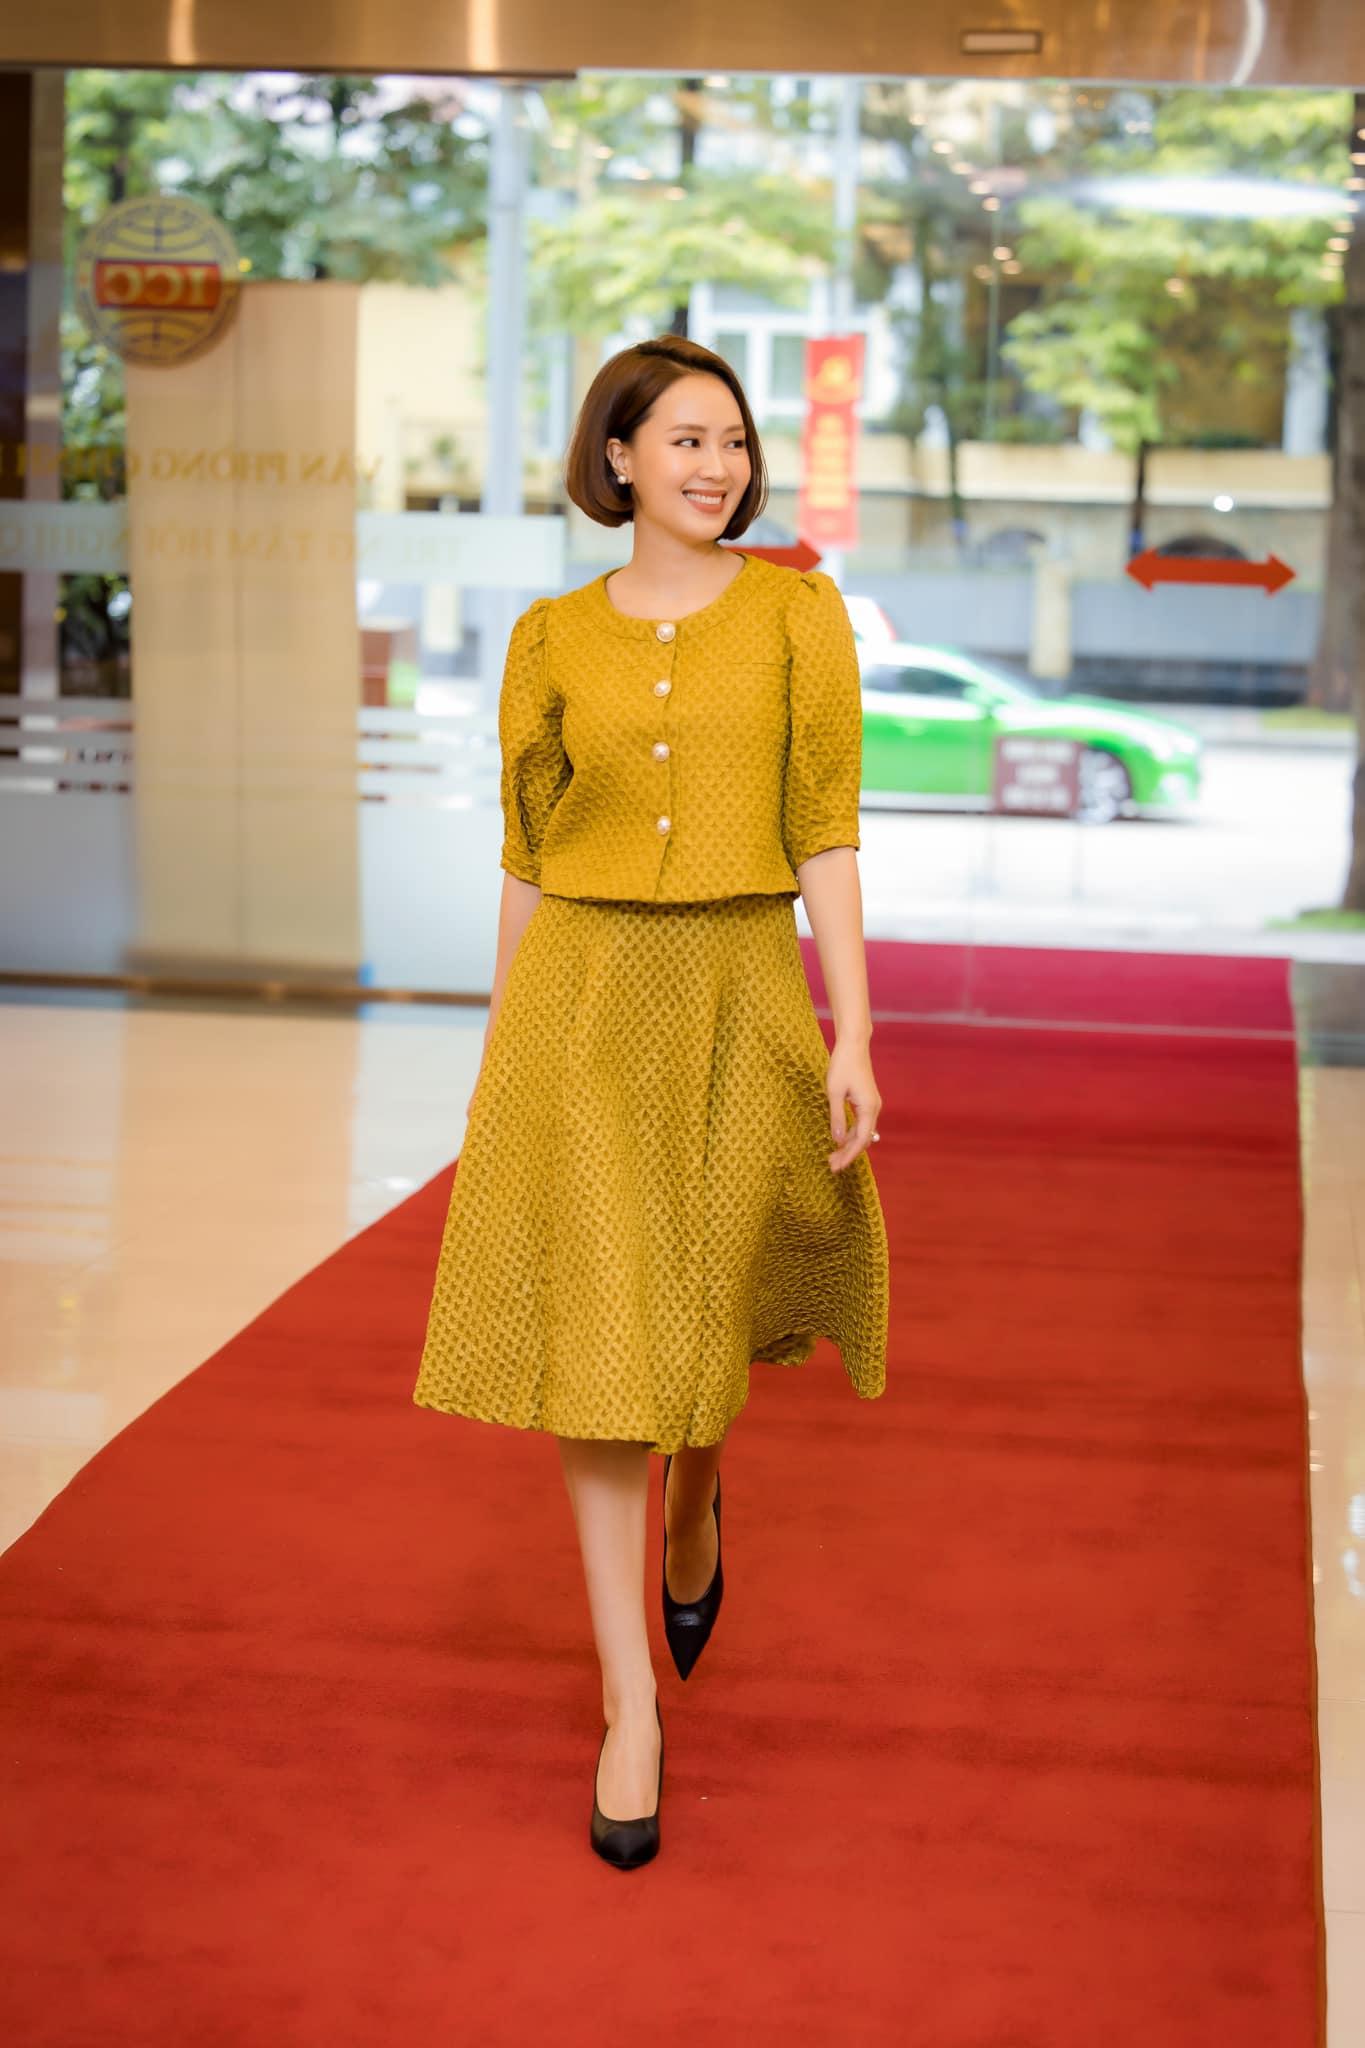 Hồng Diễm hoá thân nàng công chúa tuổi U40, không váy đầm bồng bềnh vẫn đẹp vượt mặt đàn em - 4